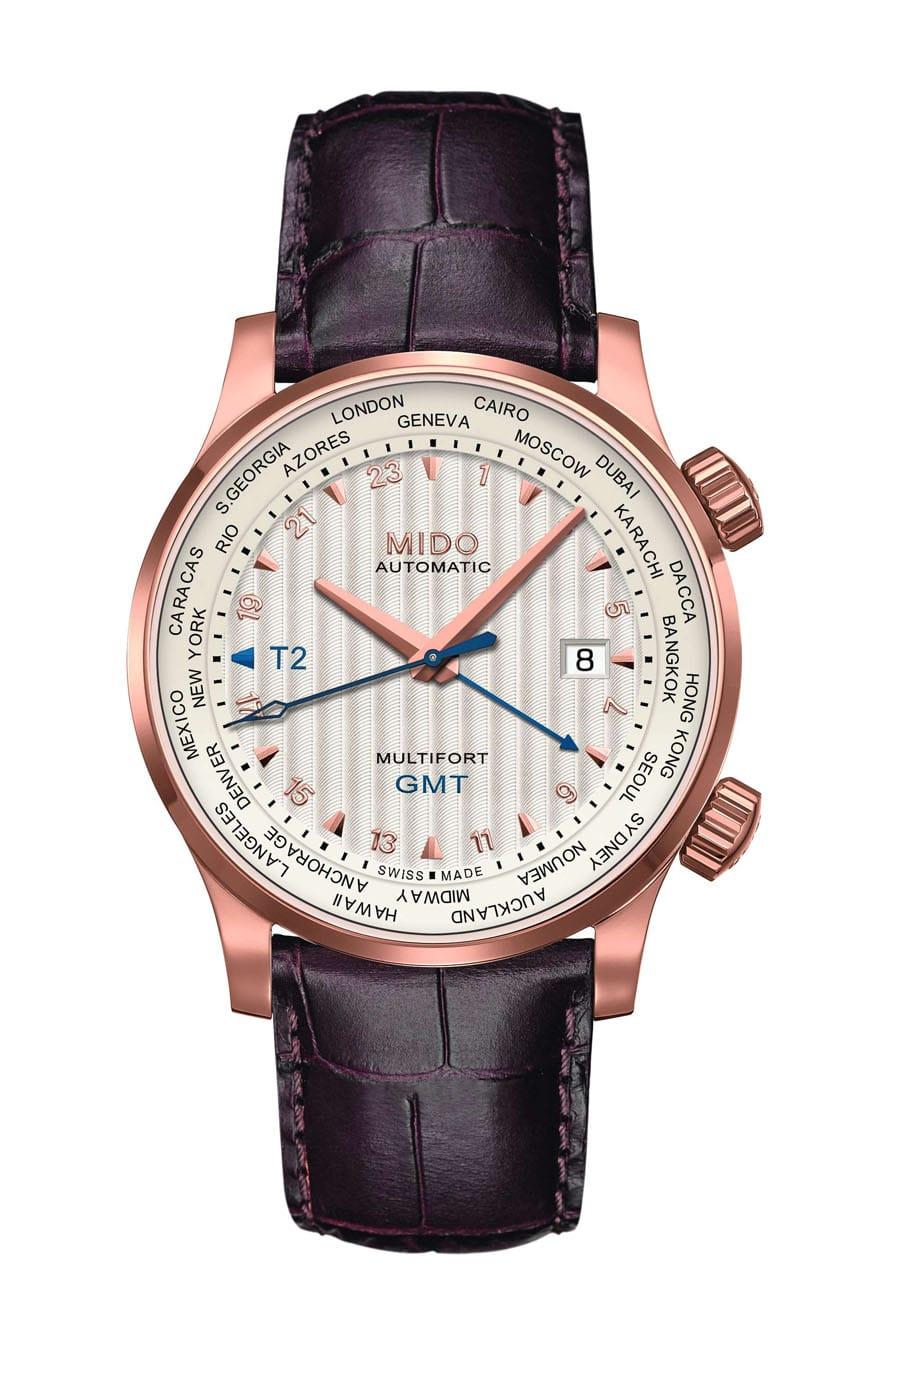 Mido: Multifort GMT, roségold beschichtet